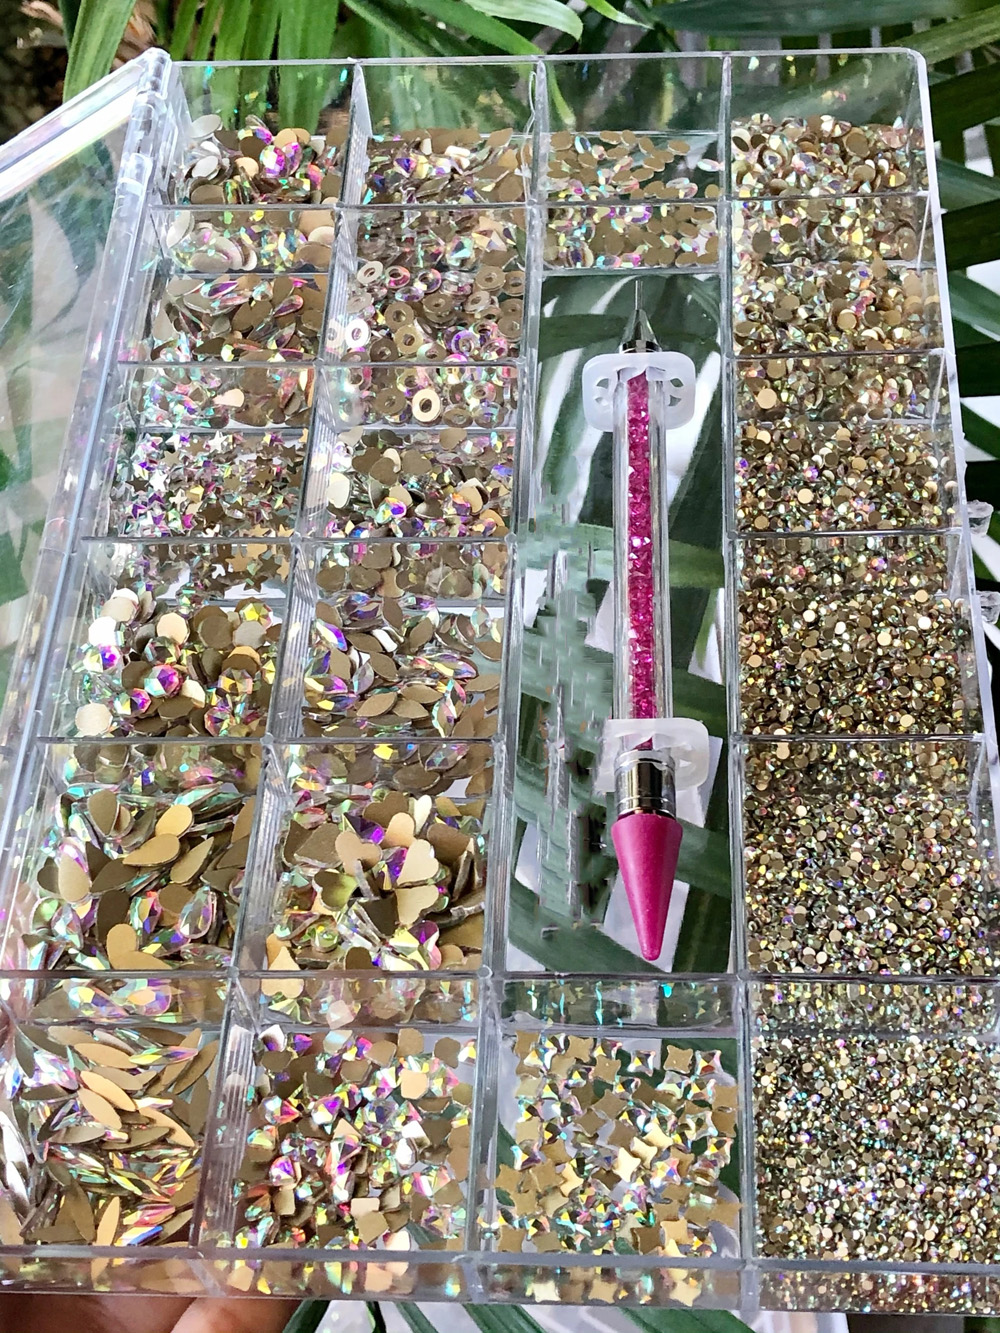 Кристаллы Стразы 21 Сетка плоское стекло для ногтей алмазные ювелирные изделия стеклянные кристаллы для ногтей пошивочная коробка (700 шт кри...